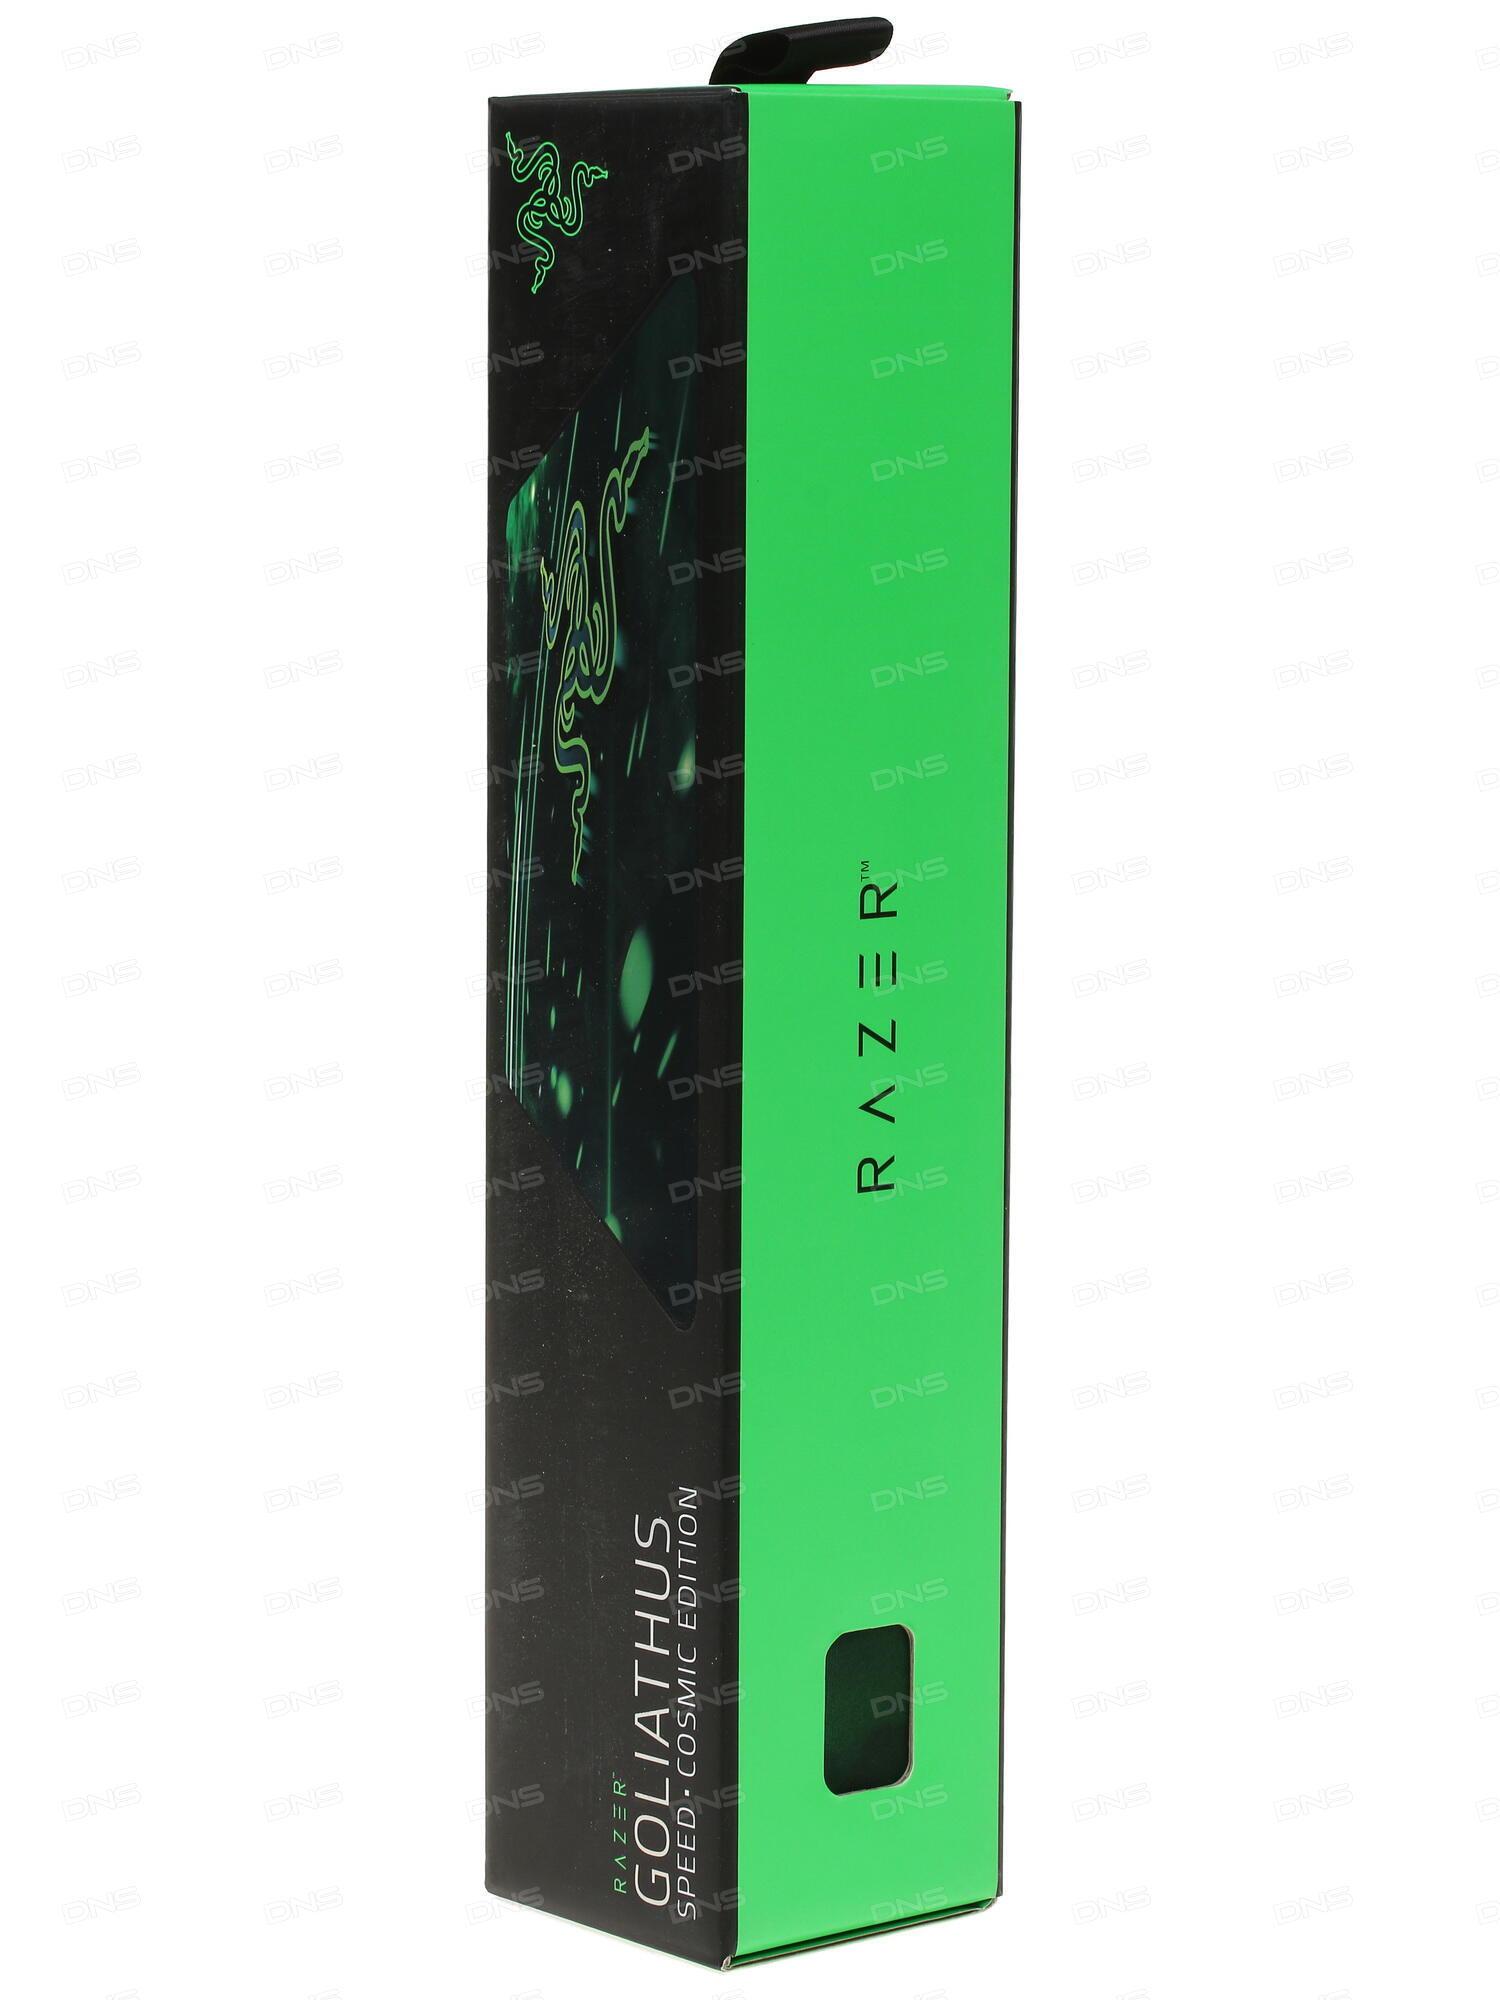 Коврик для мыши  A4tech X7-500MP  Игровой покрытие микрофибра прорезиненная основа  (437x 400mm)